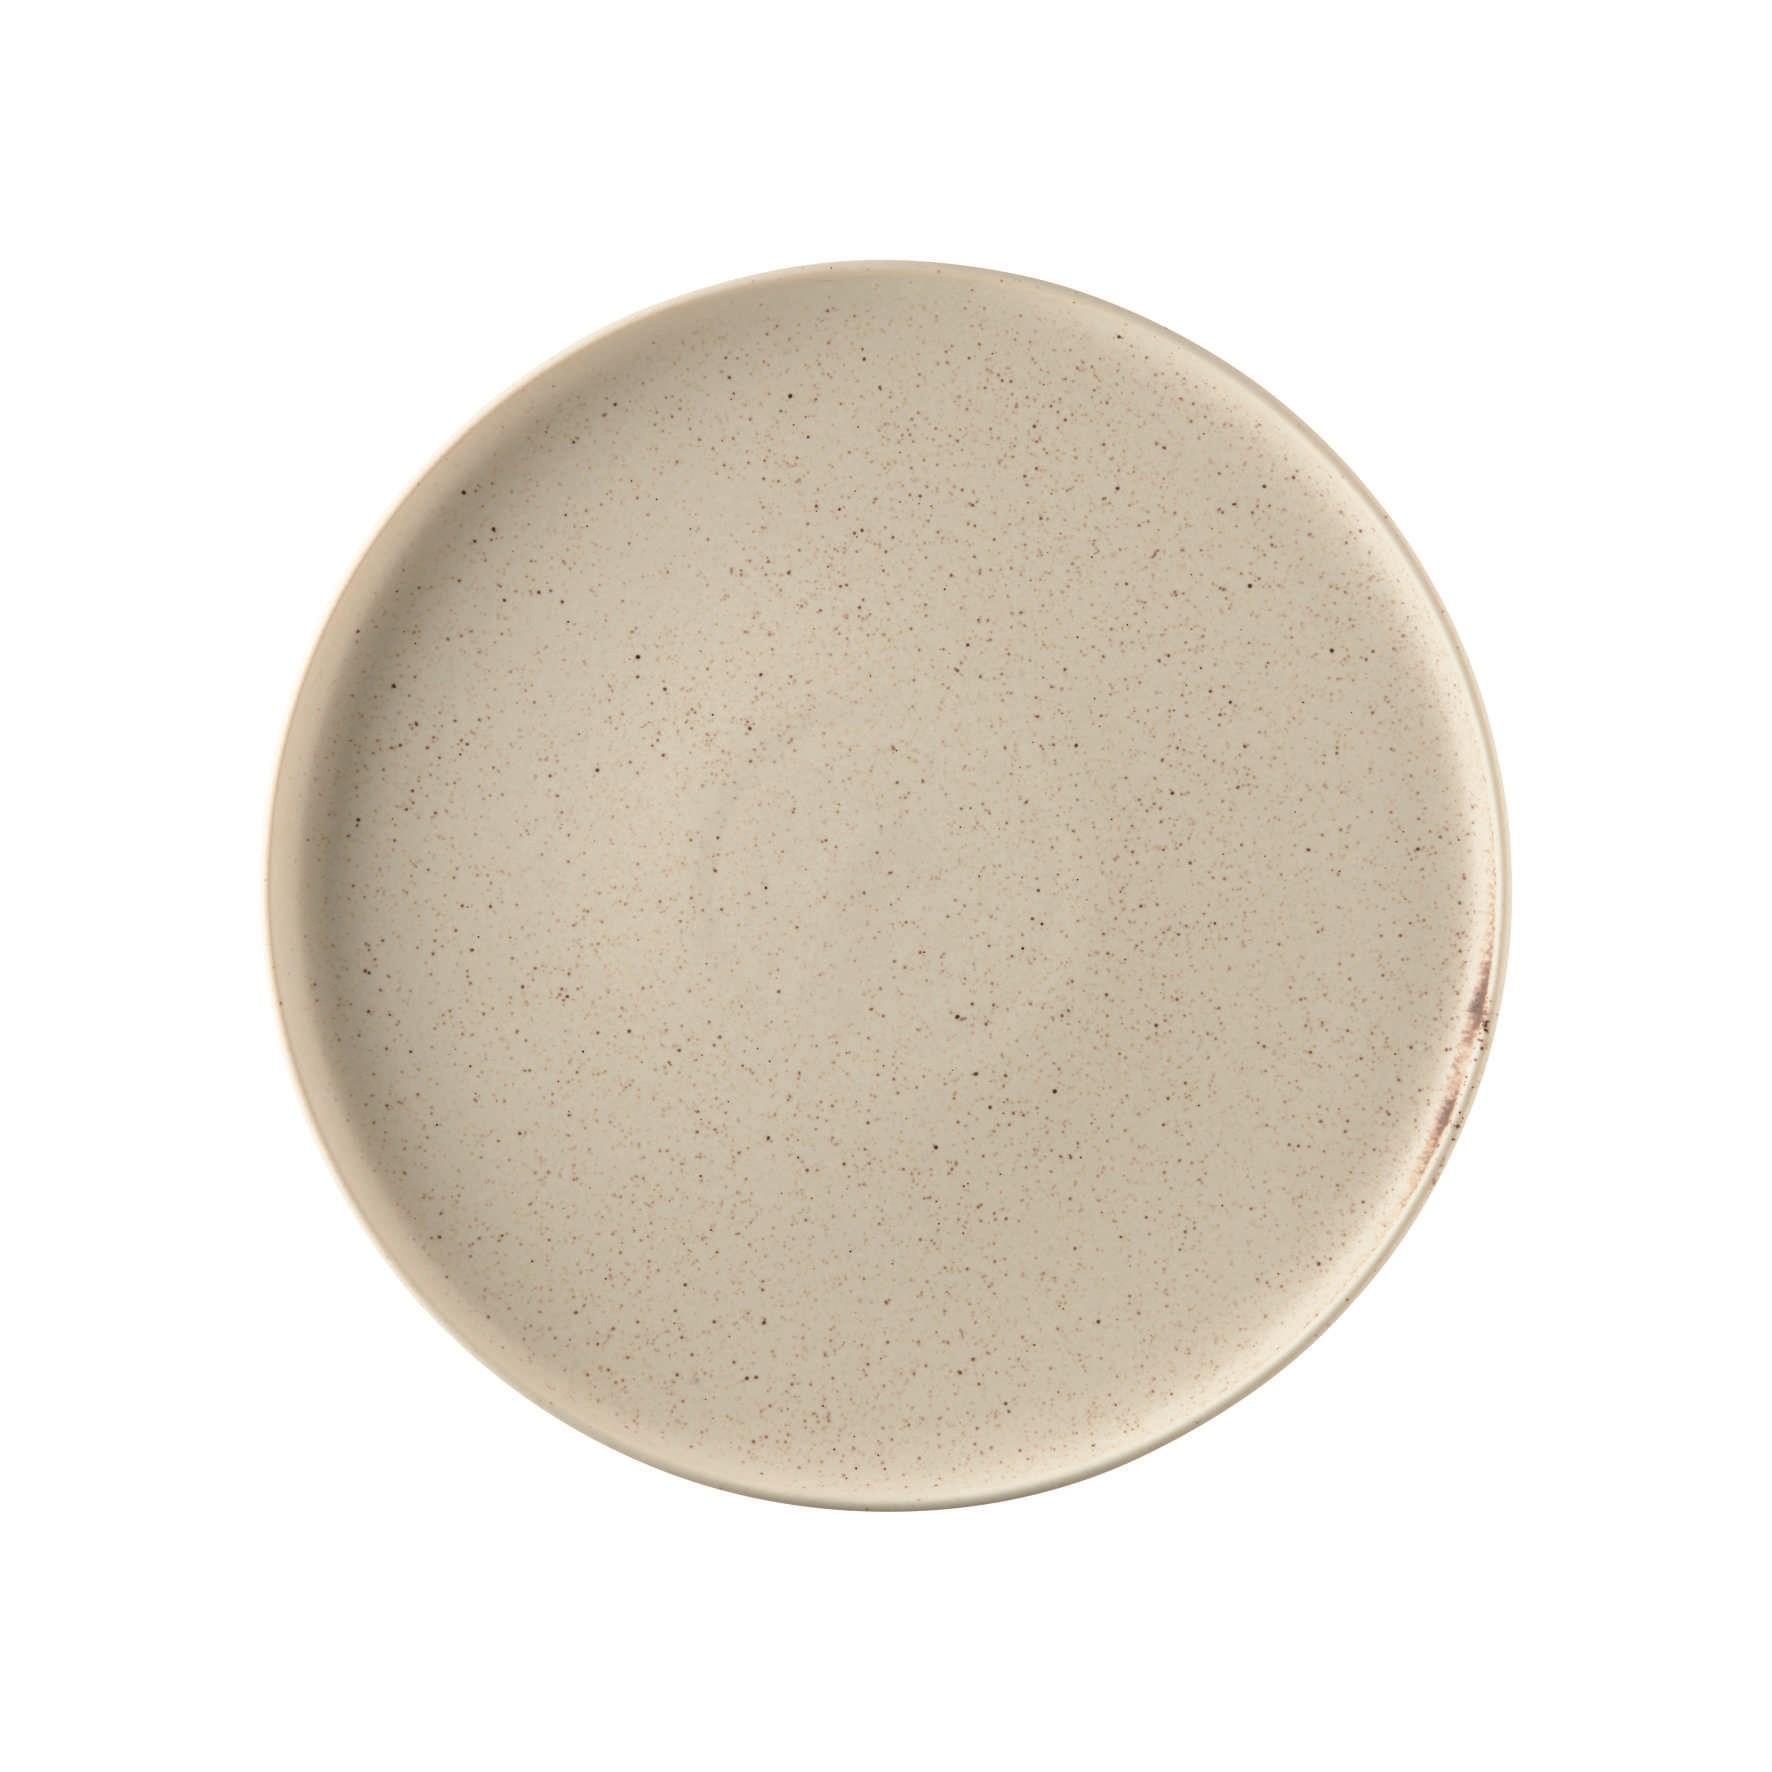 Dezertní talíř COPPA SENCHA  21 cm_0